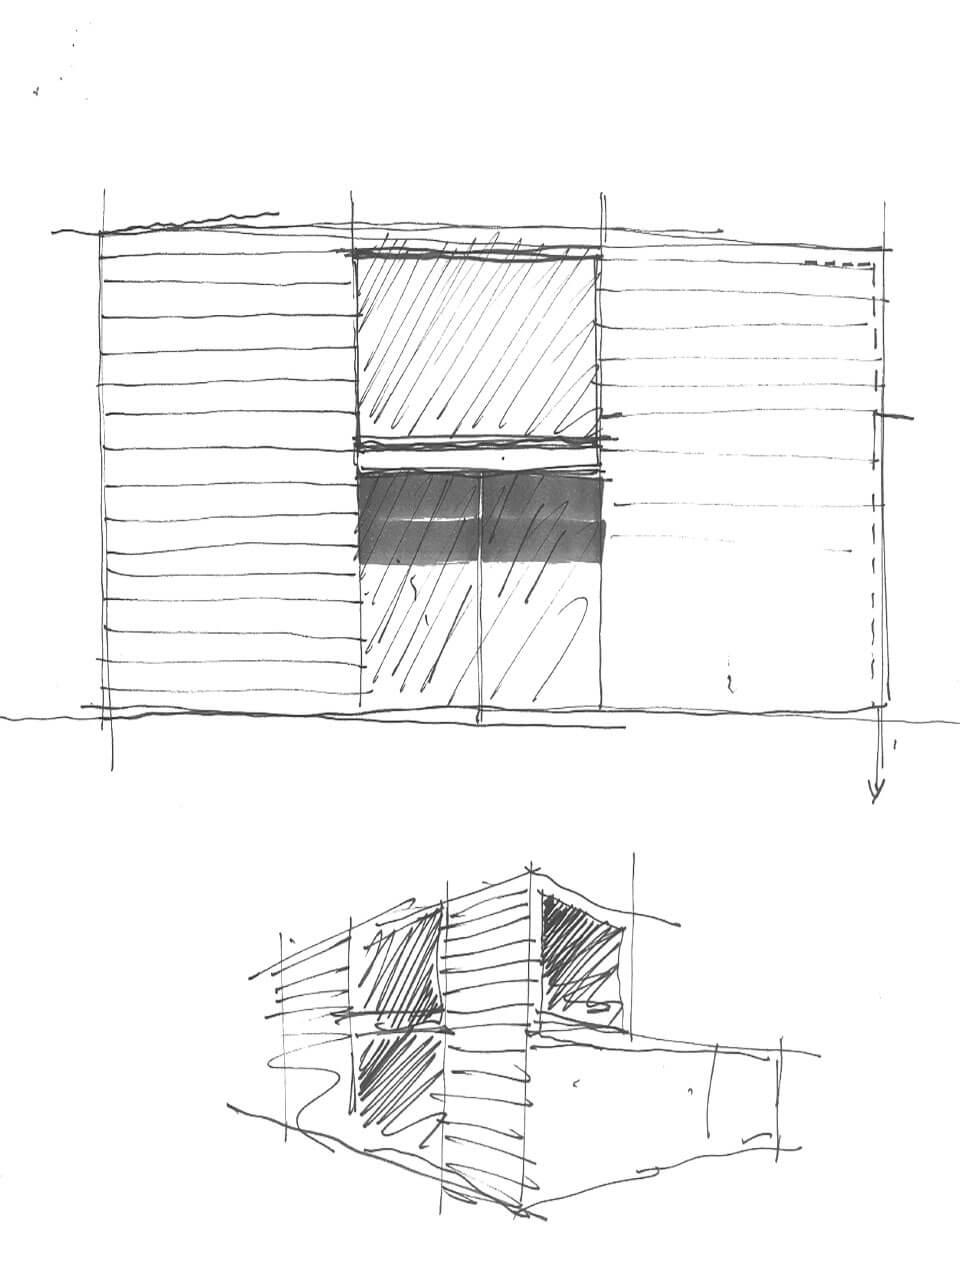 schizzo progetto architettonico